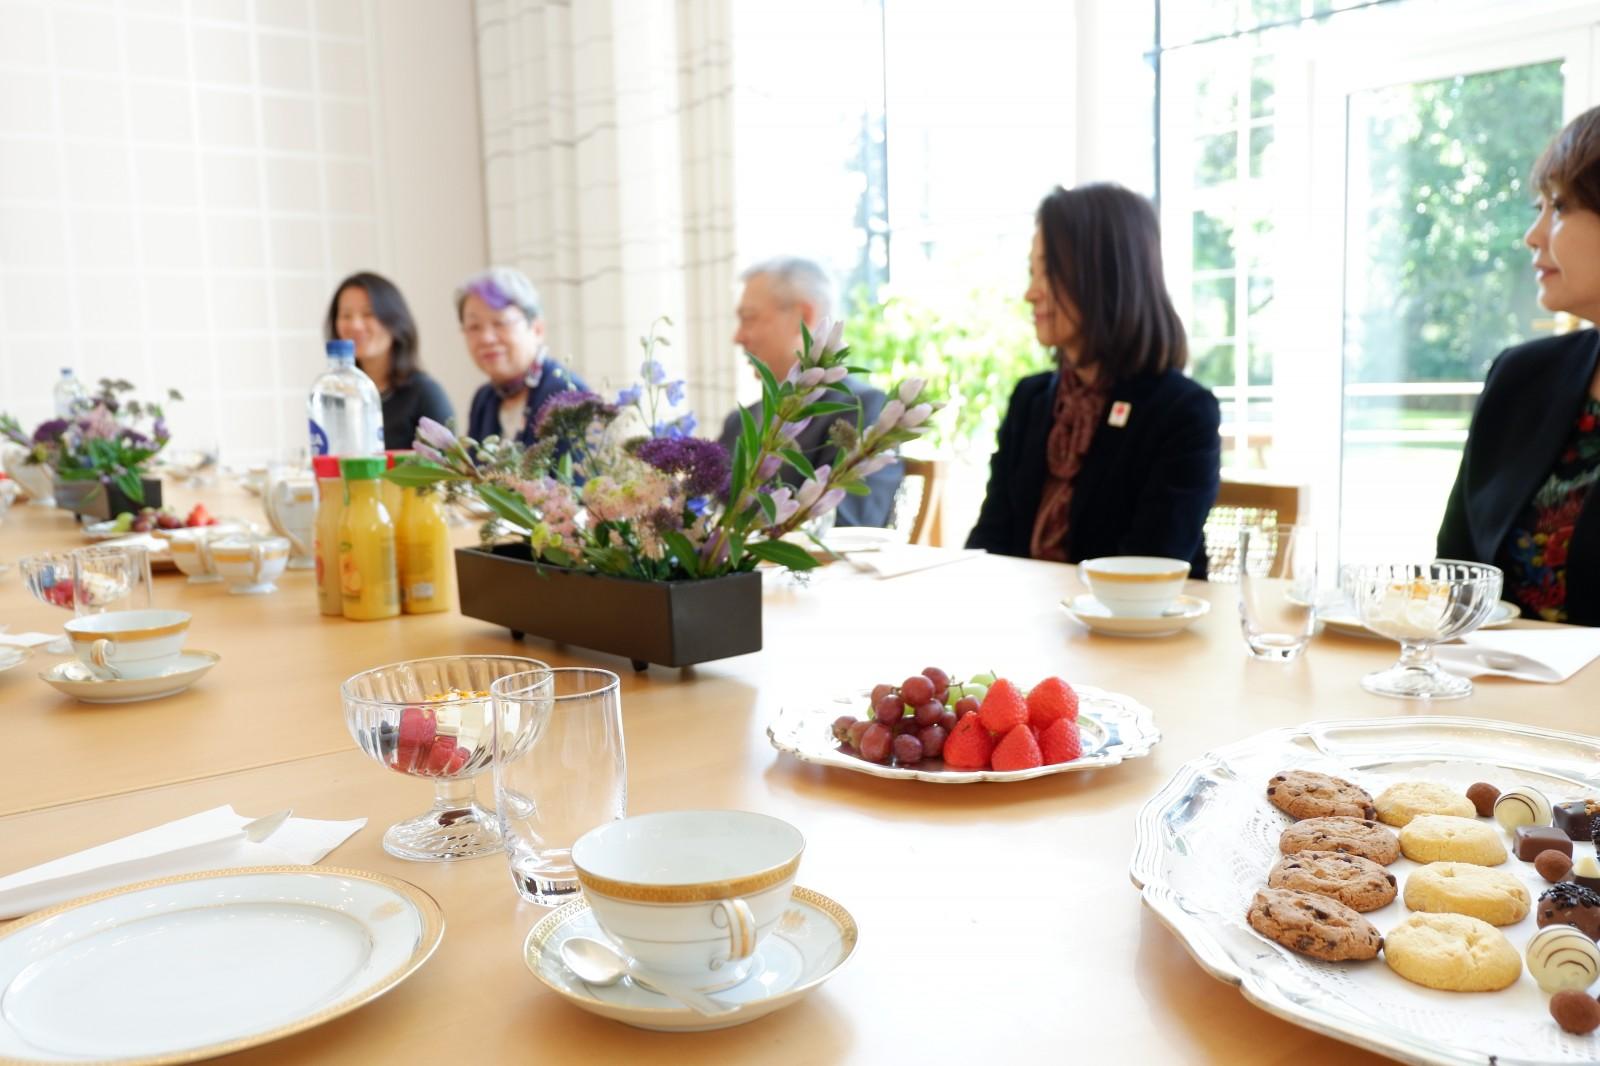 世界一幸せな国、デンマークで学ぶ「ヒュッゲ」なひととき(WF-NET)